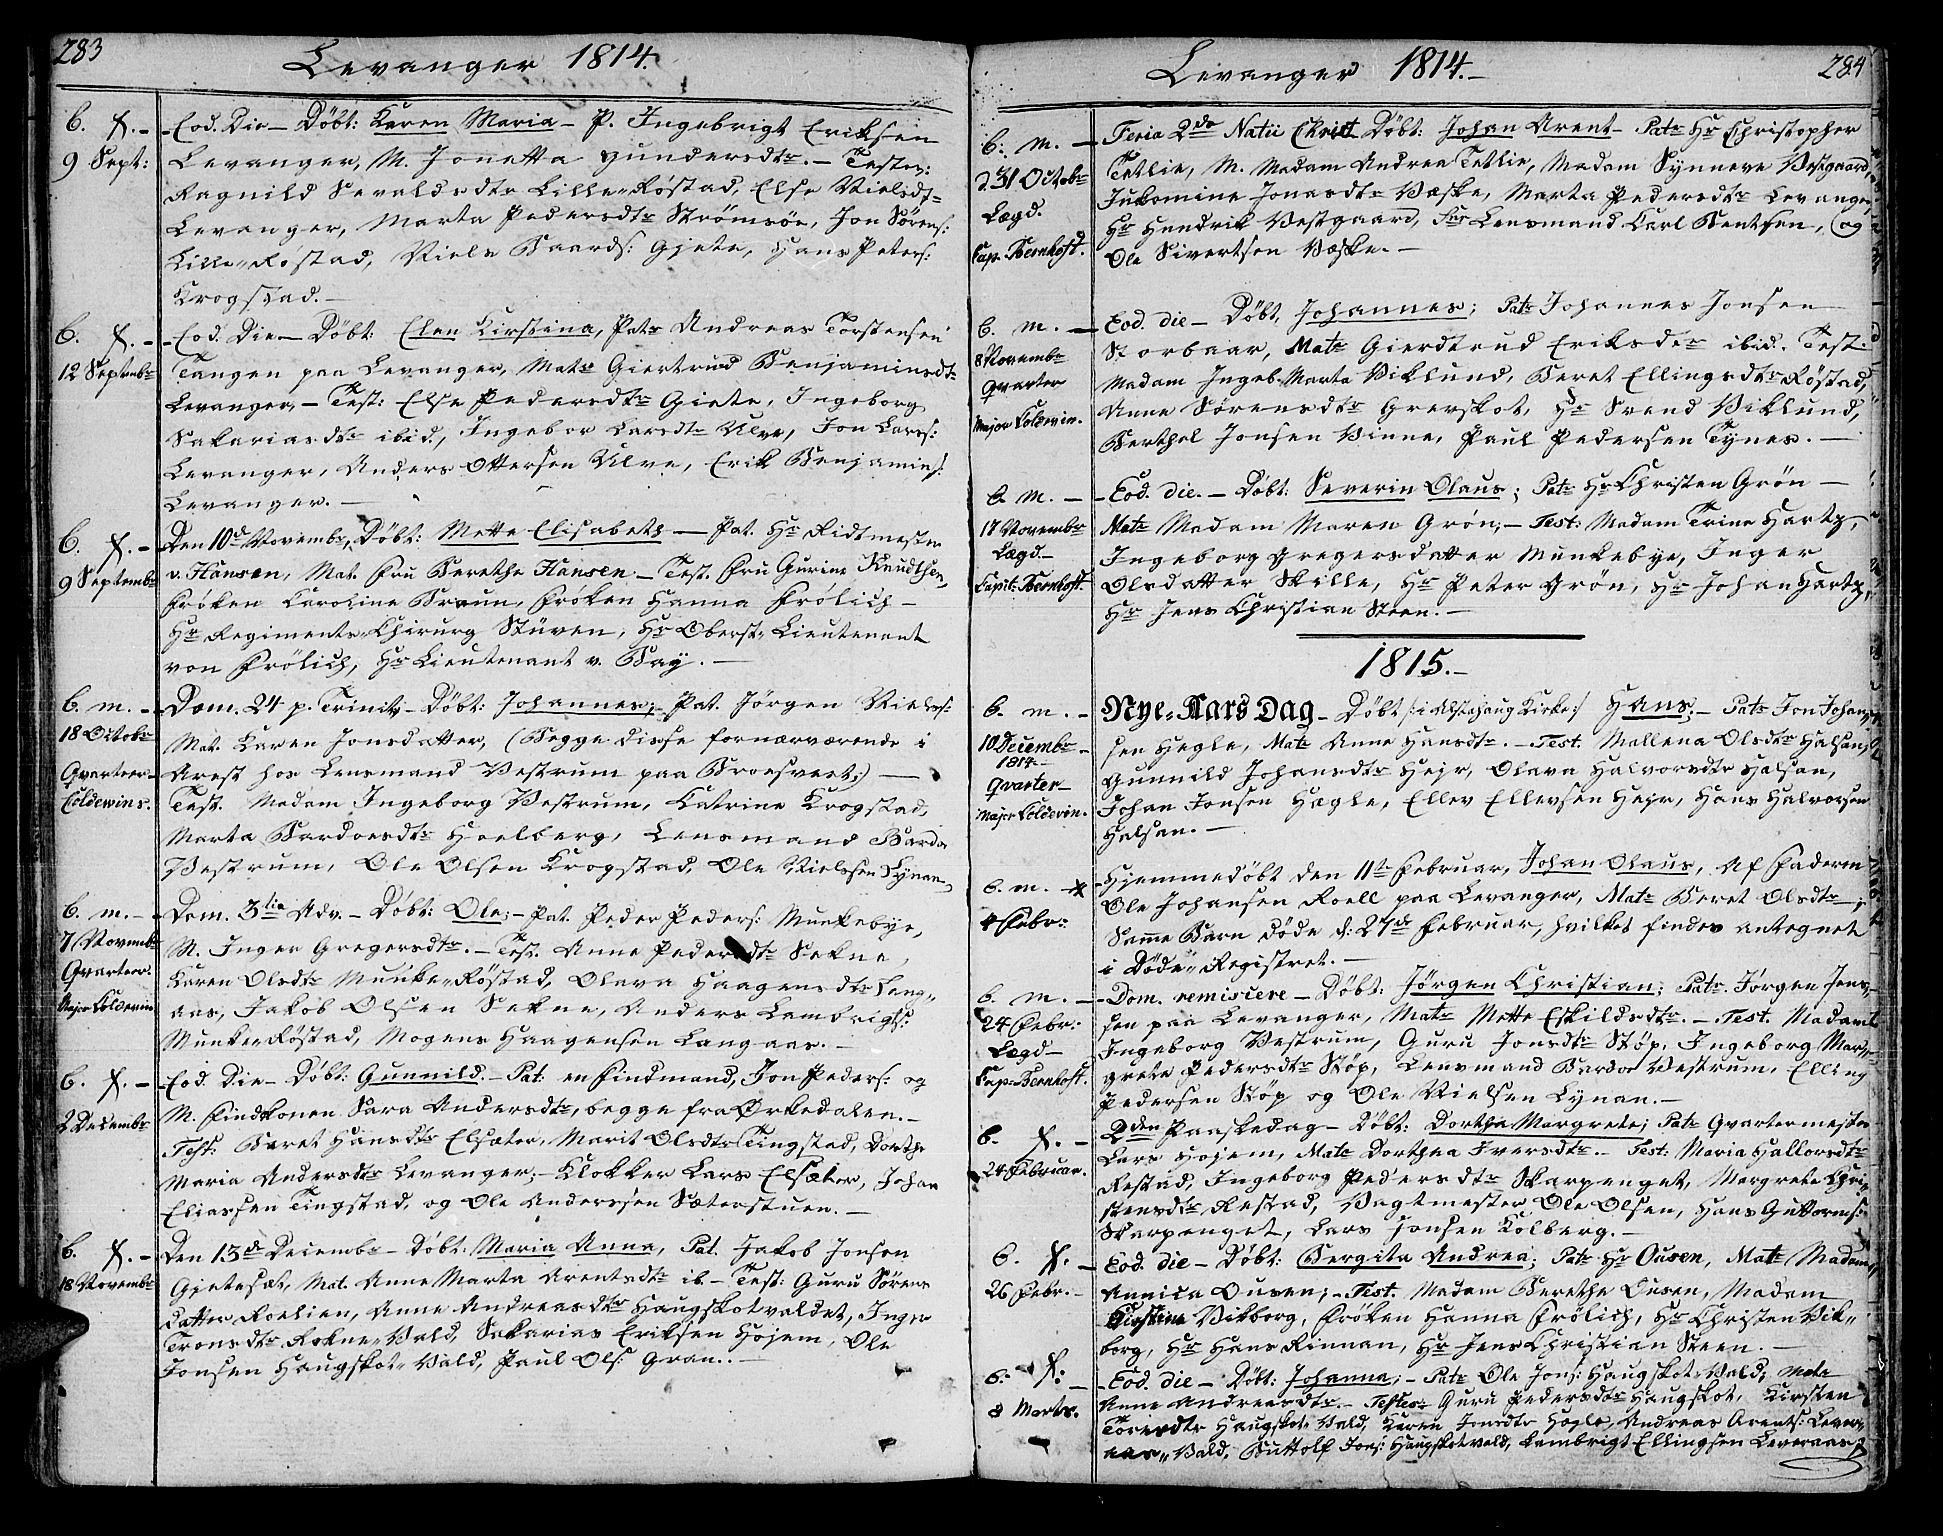 SAT, Ministerialprotokoller, klokkerbøker og fødselsregistre - Nord-Trøndelag, 717/L0145: Ministerialbok nr. 717A03 /3, 1810-1815, s. 283-284